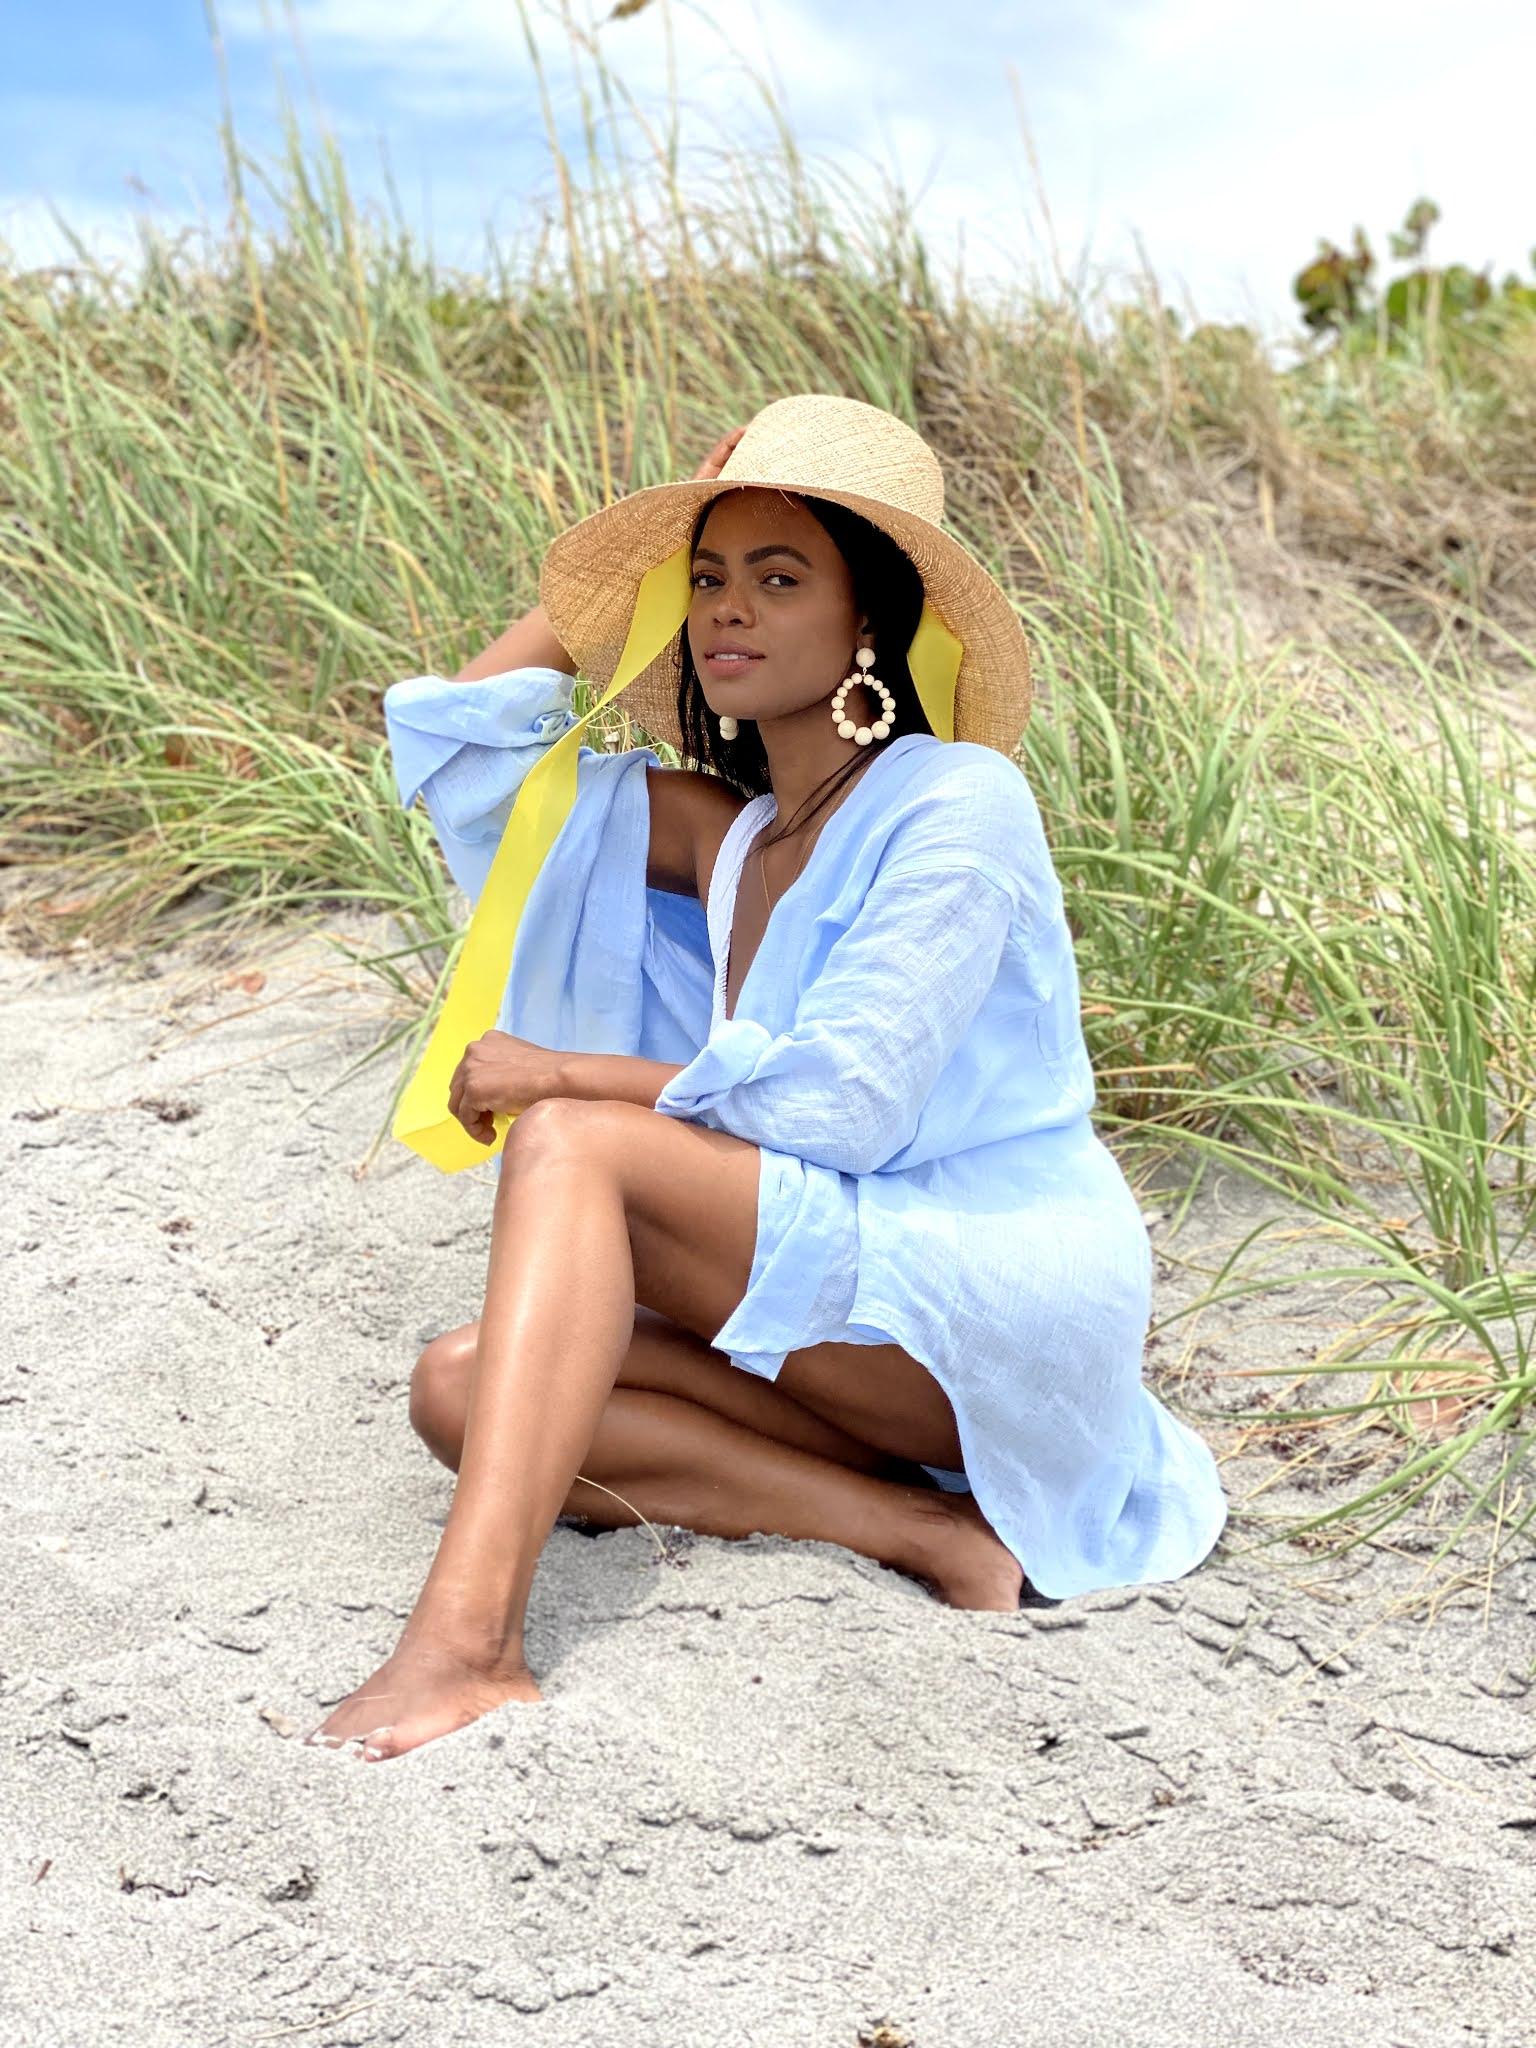 Linen shirt beach cover up